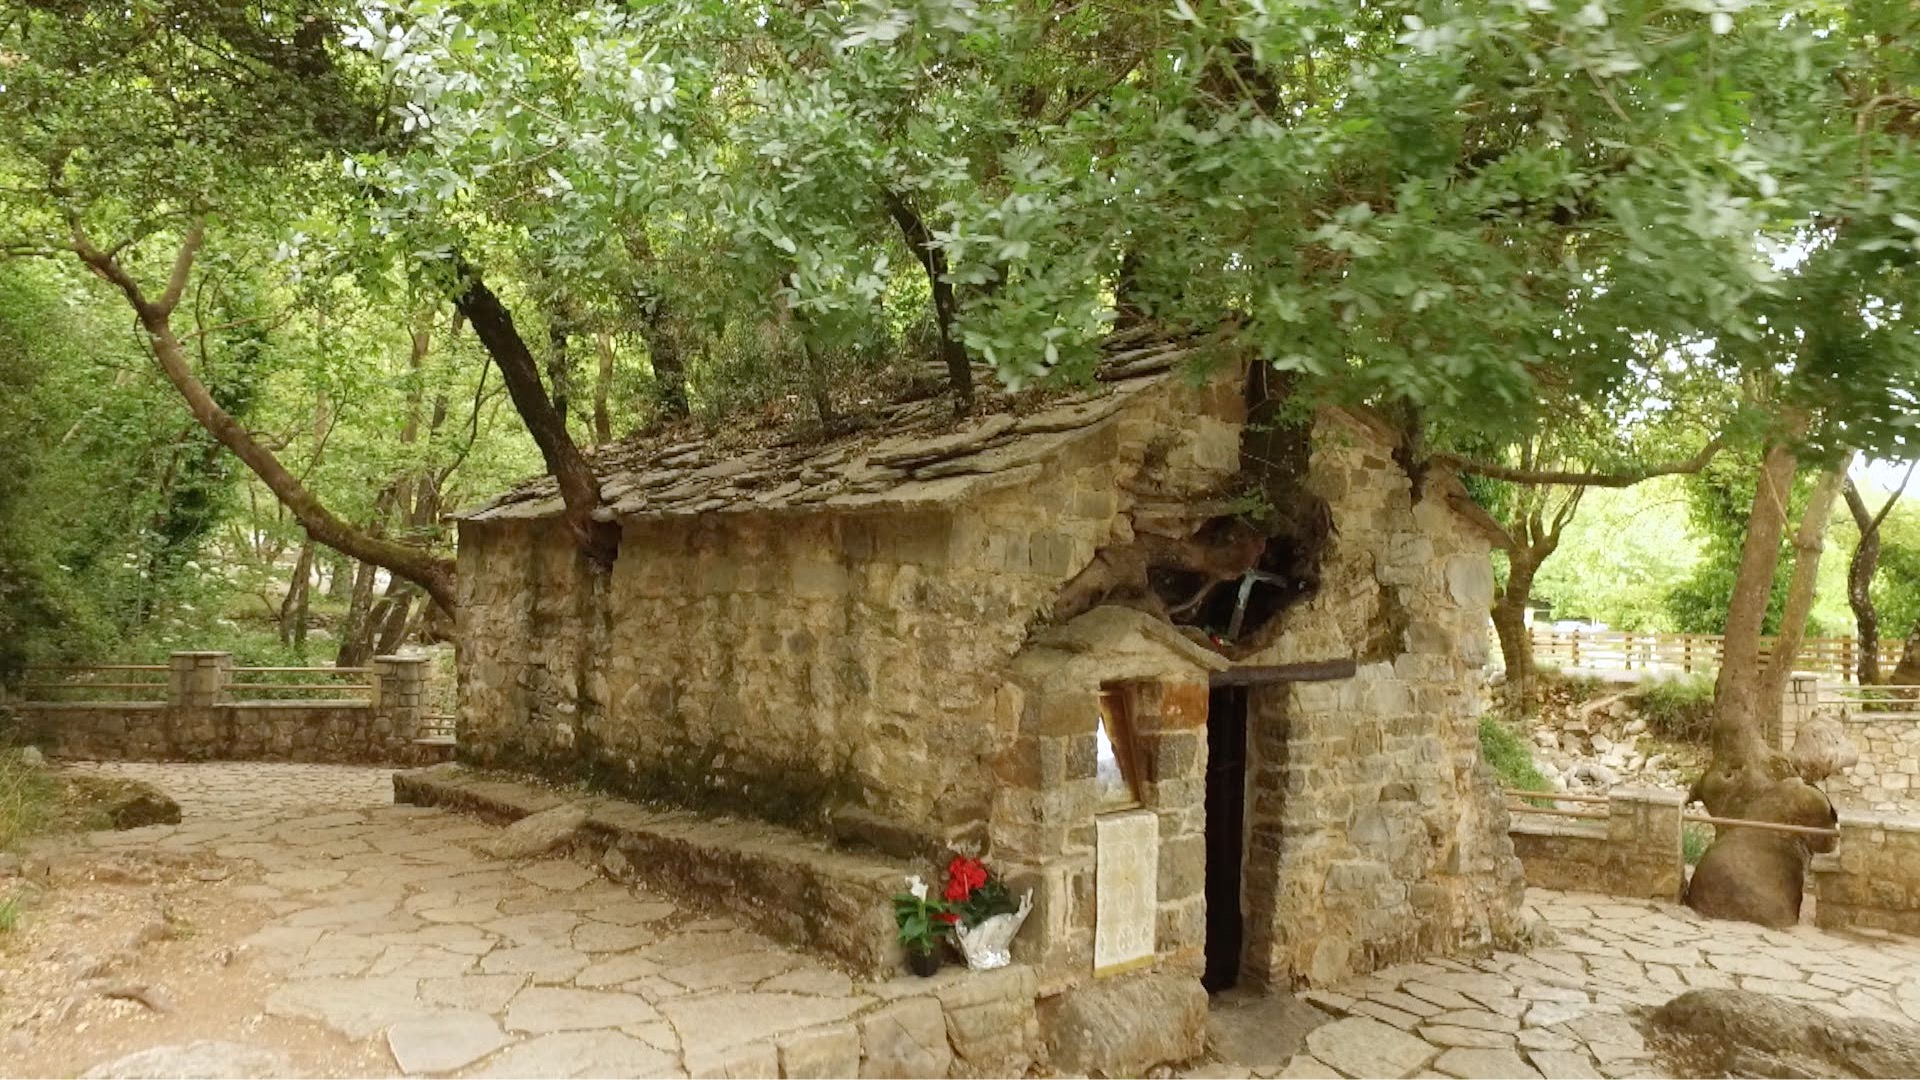 Ναός της Αγίας Θεοδώρας στο χωριό Βάστα της Μεγαλόπολης